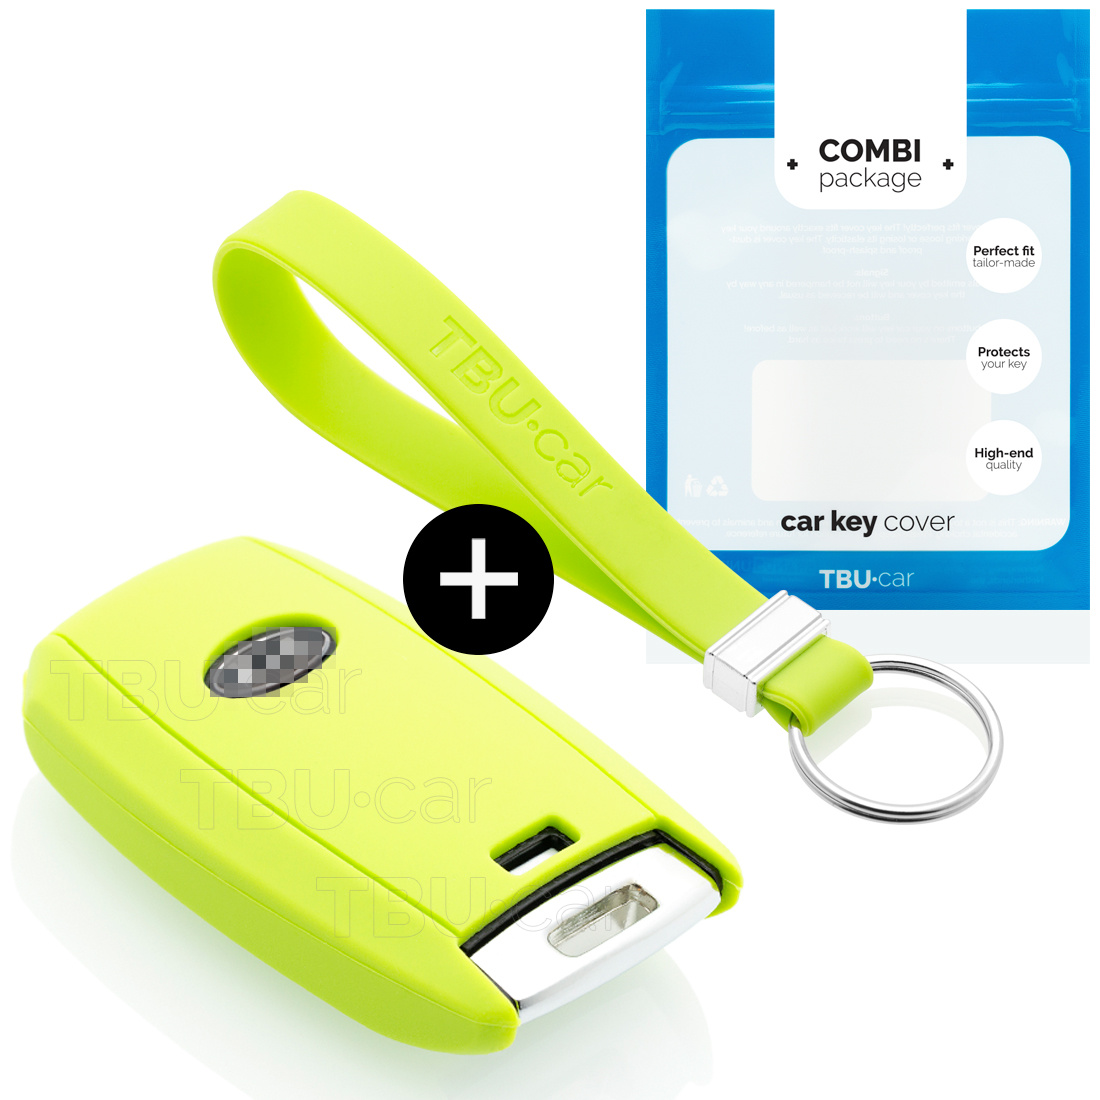 Kia Autoschlüssel Hülle - Silikon Schutzhülle - Schlüsselhülle Cover - Lindgrün